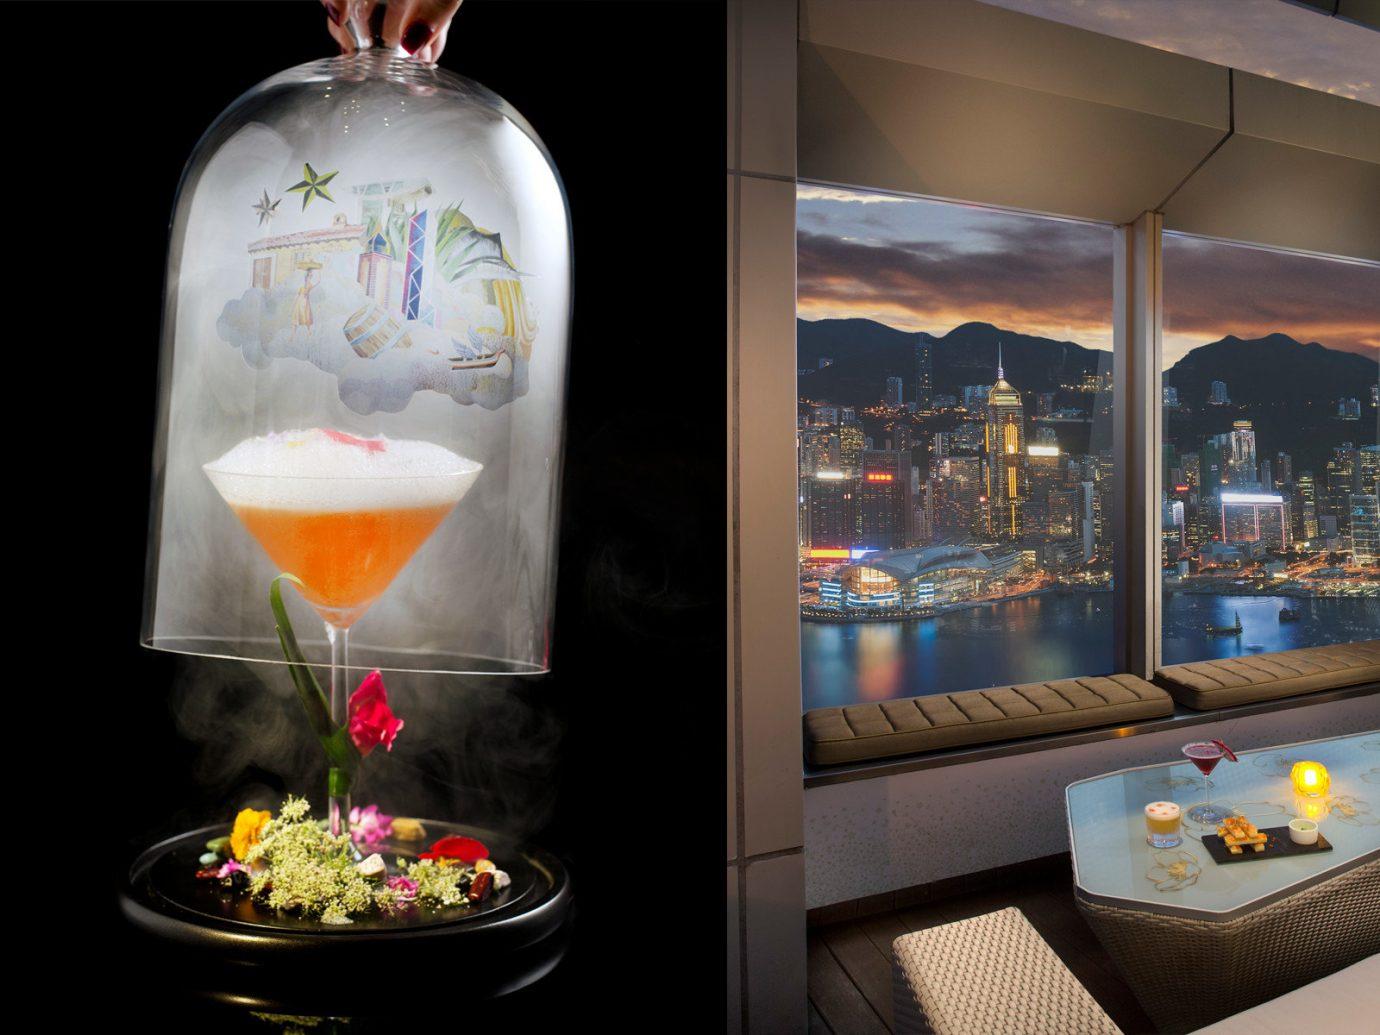 Food + Drink Drink lighting distilled beverage glass decorated